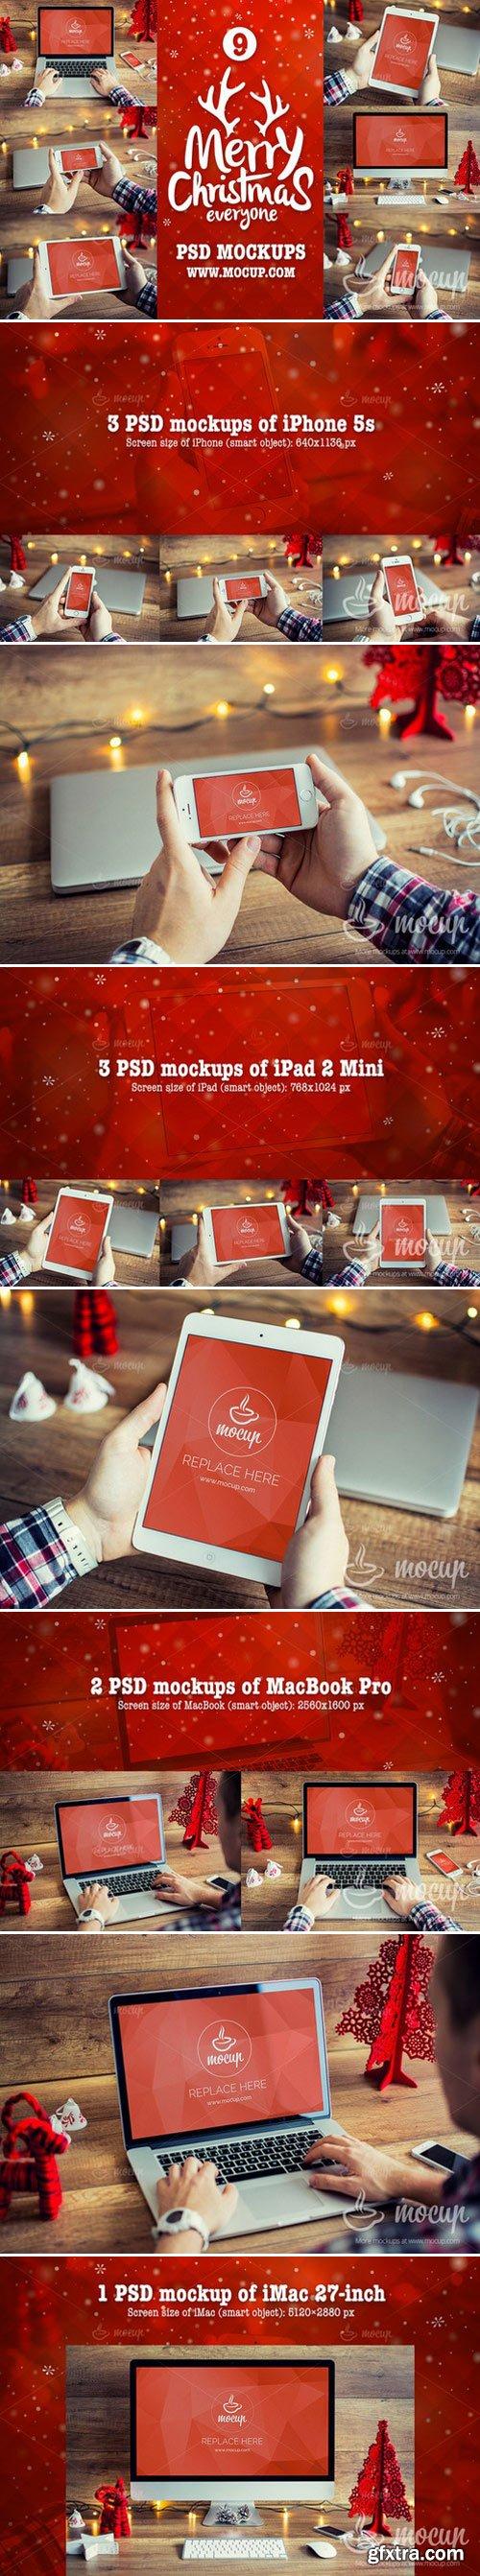 CM - 9 PSD Mockups Christmas 418485